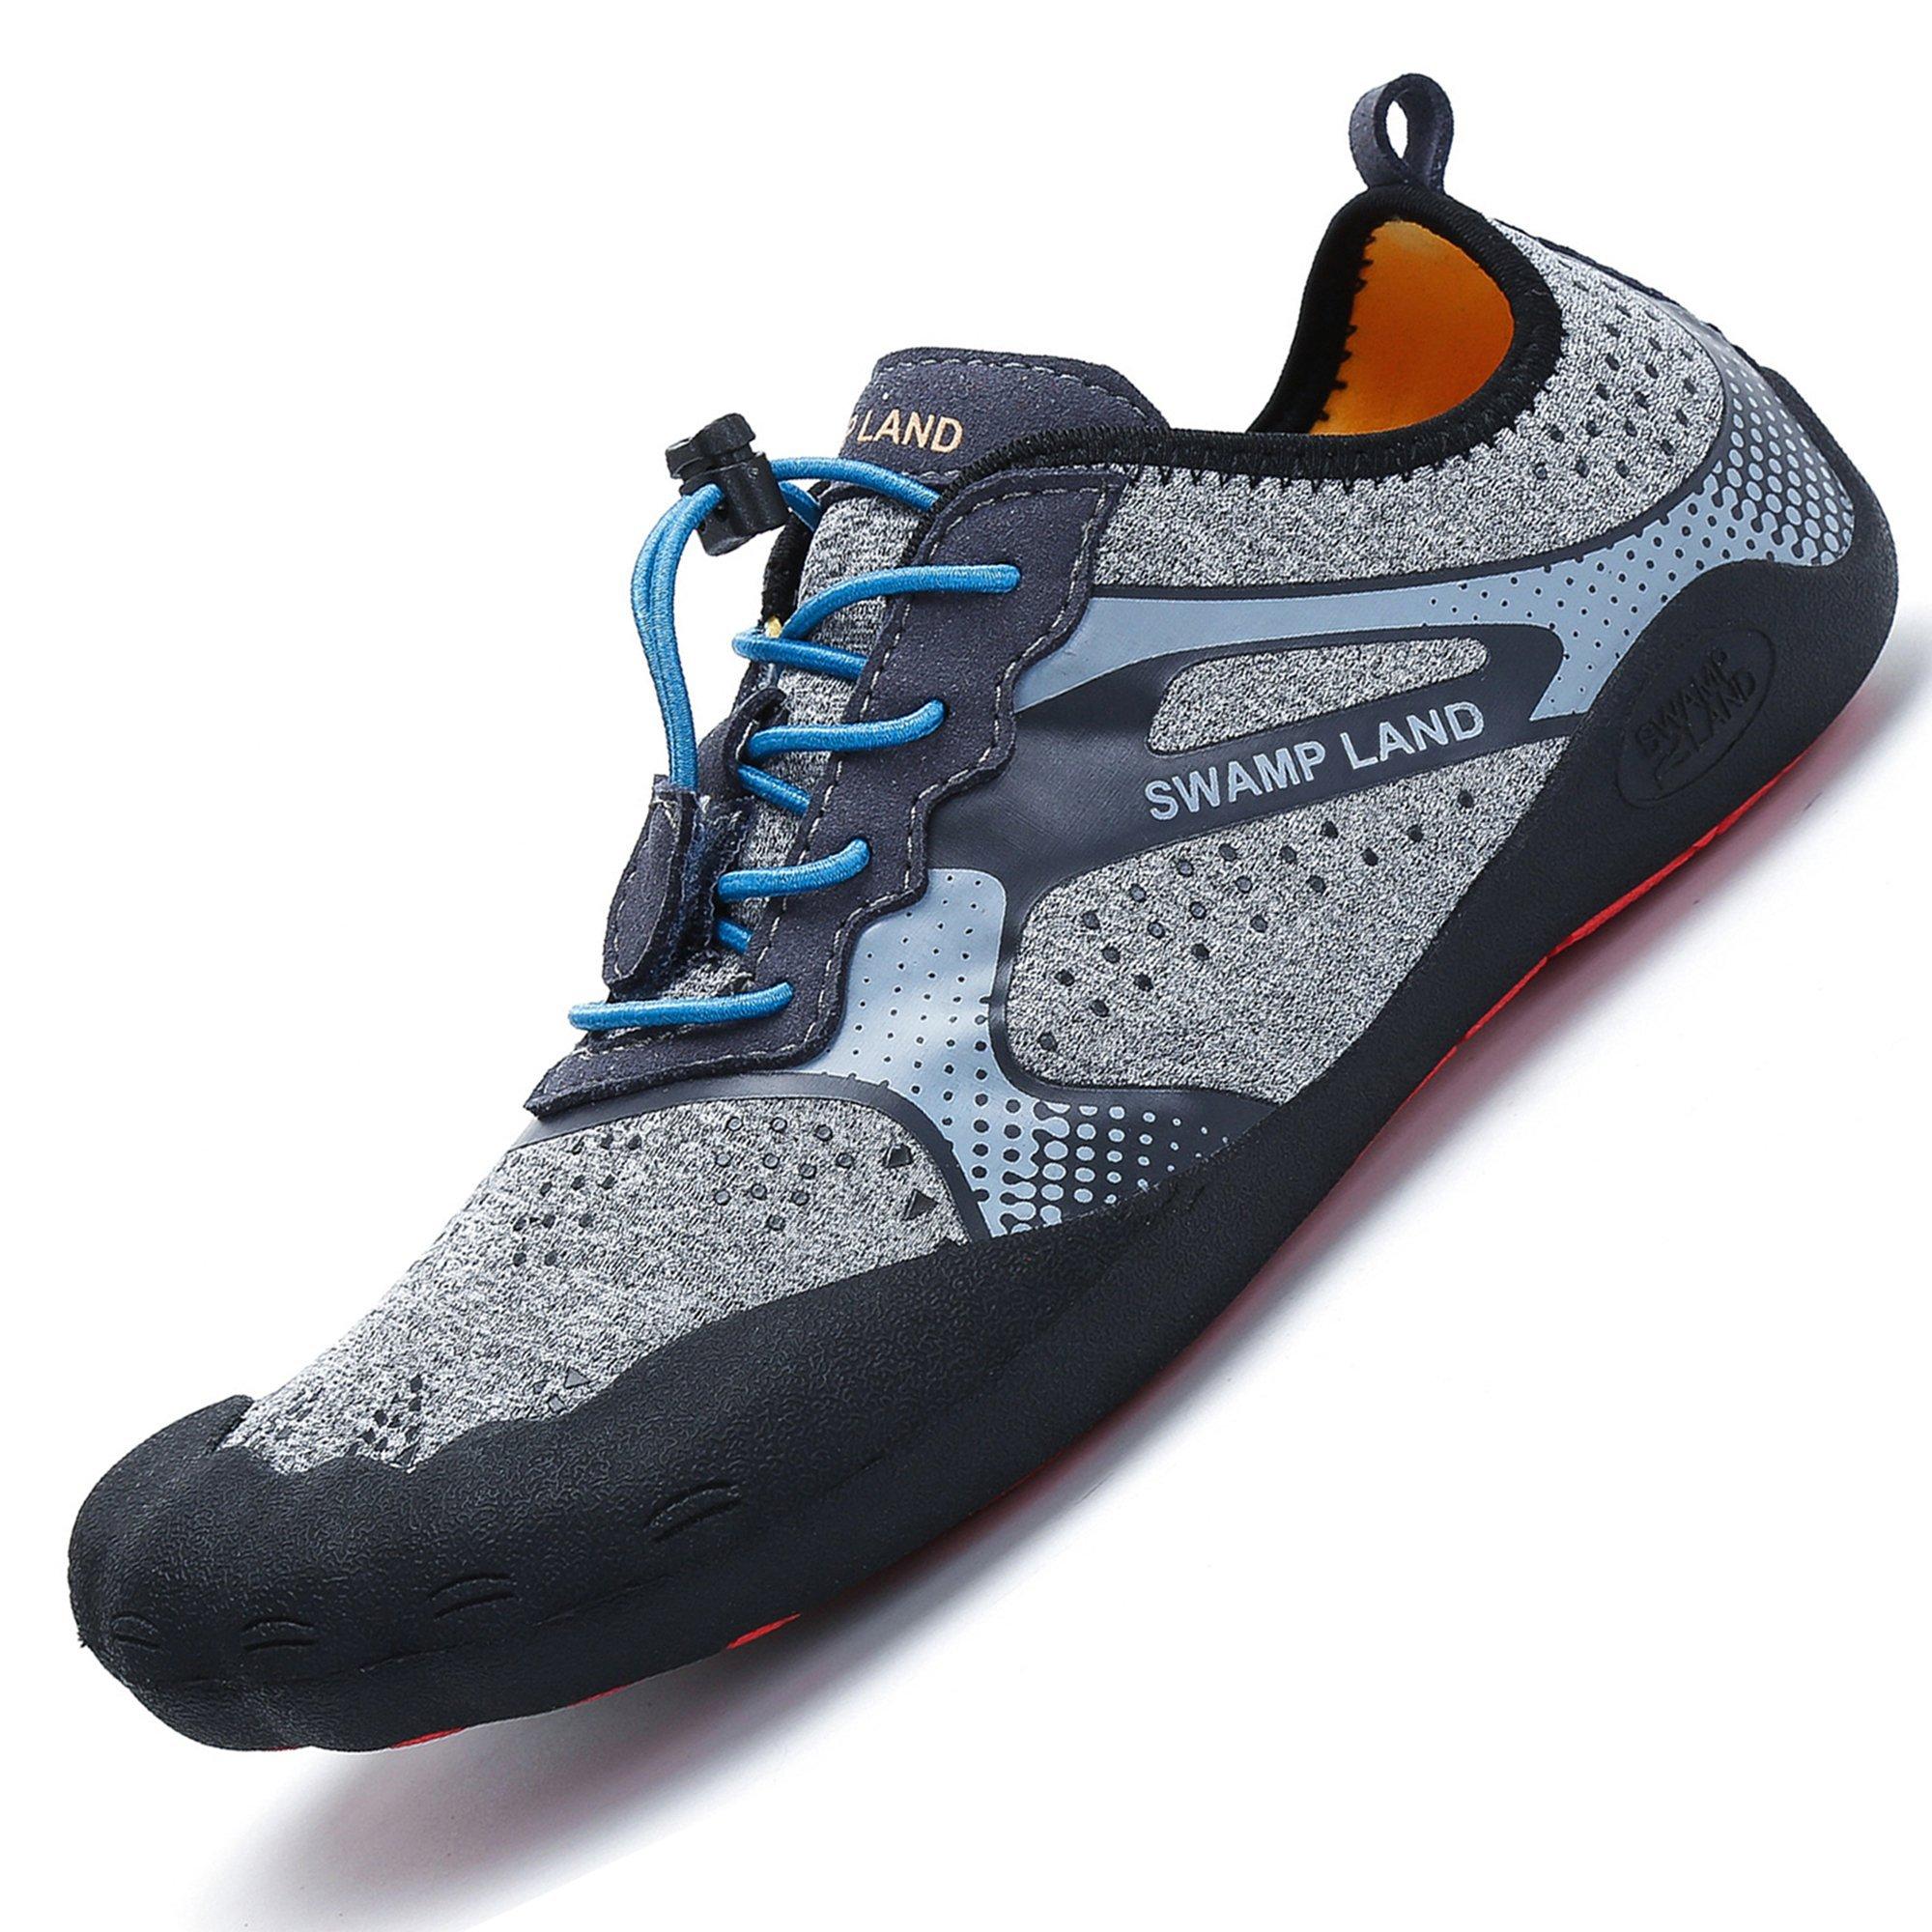 d923653db9cd40 Pastaza Badeschuhe Herren Geschlossen Barfußschuhe Damen Schnell Trocknend  Wasserschuhe Rutschfest Weich Outdoor Fitness Schuhe product image